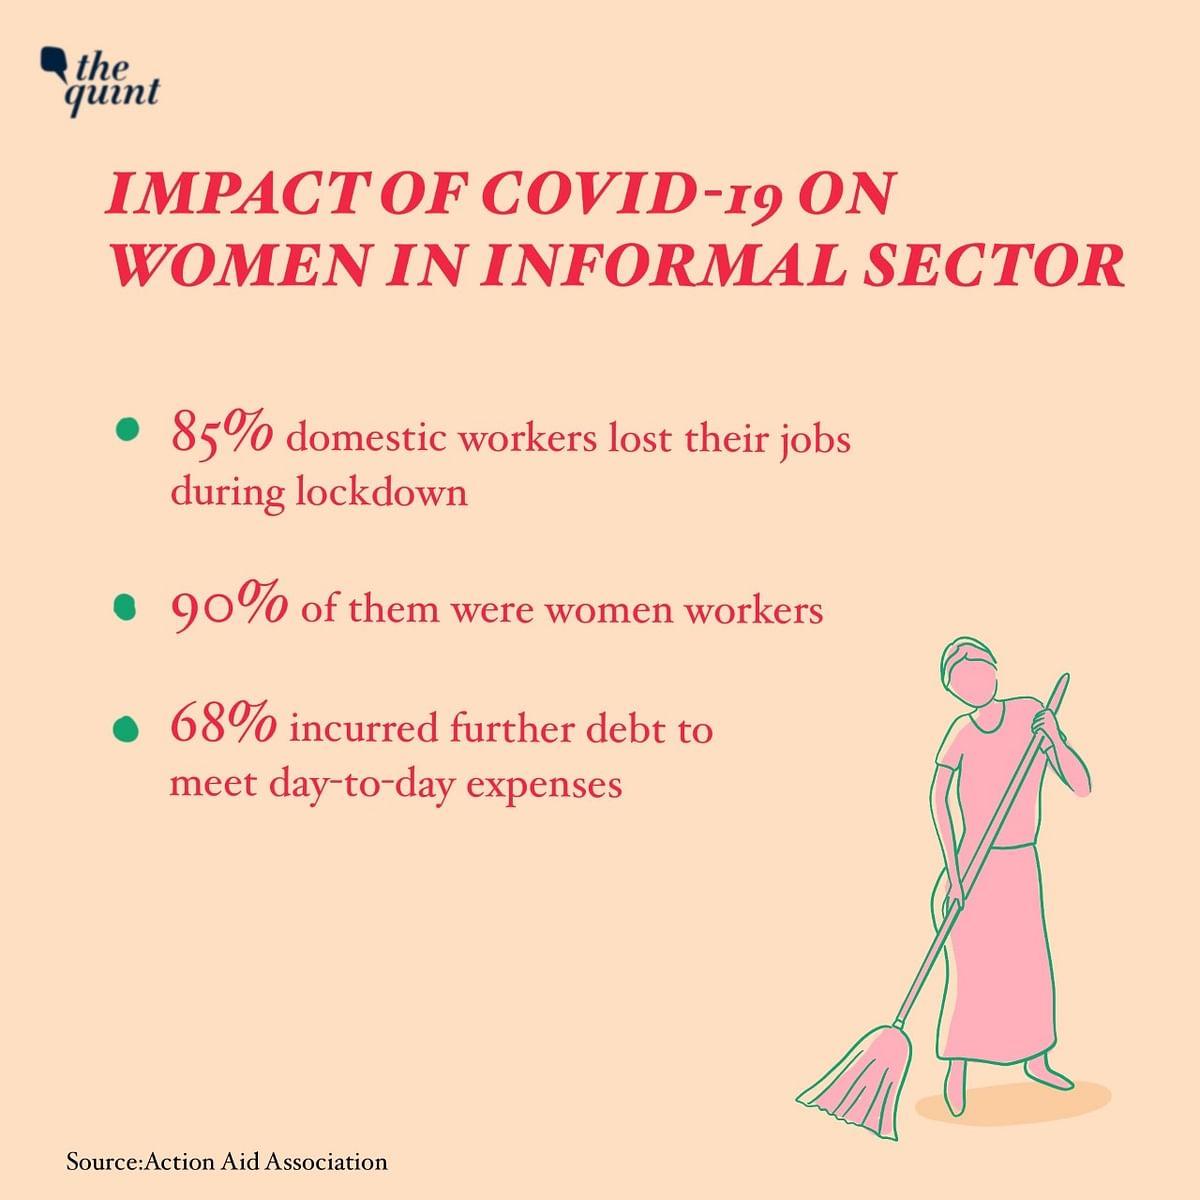 More Women Left Jobless in Informal Sector Post Lockdown: Survey